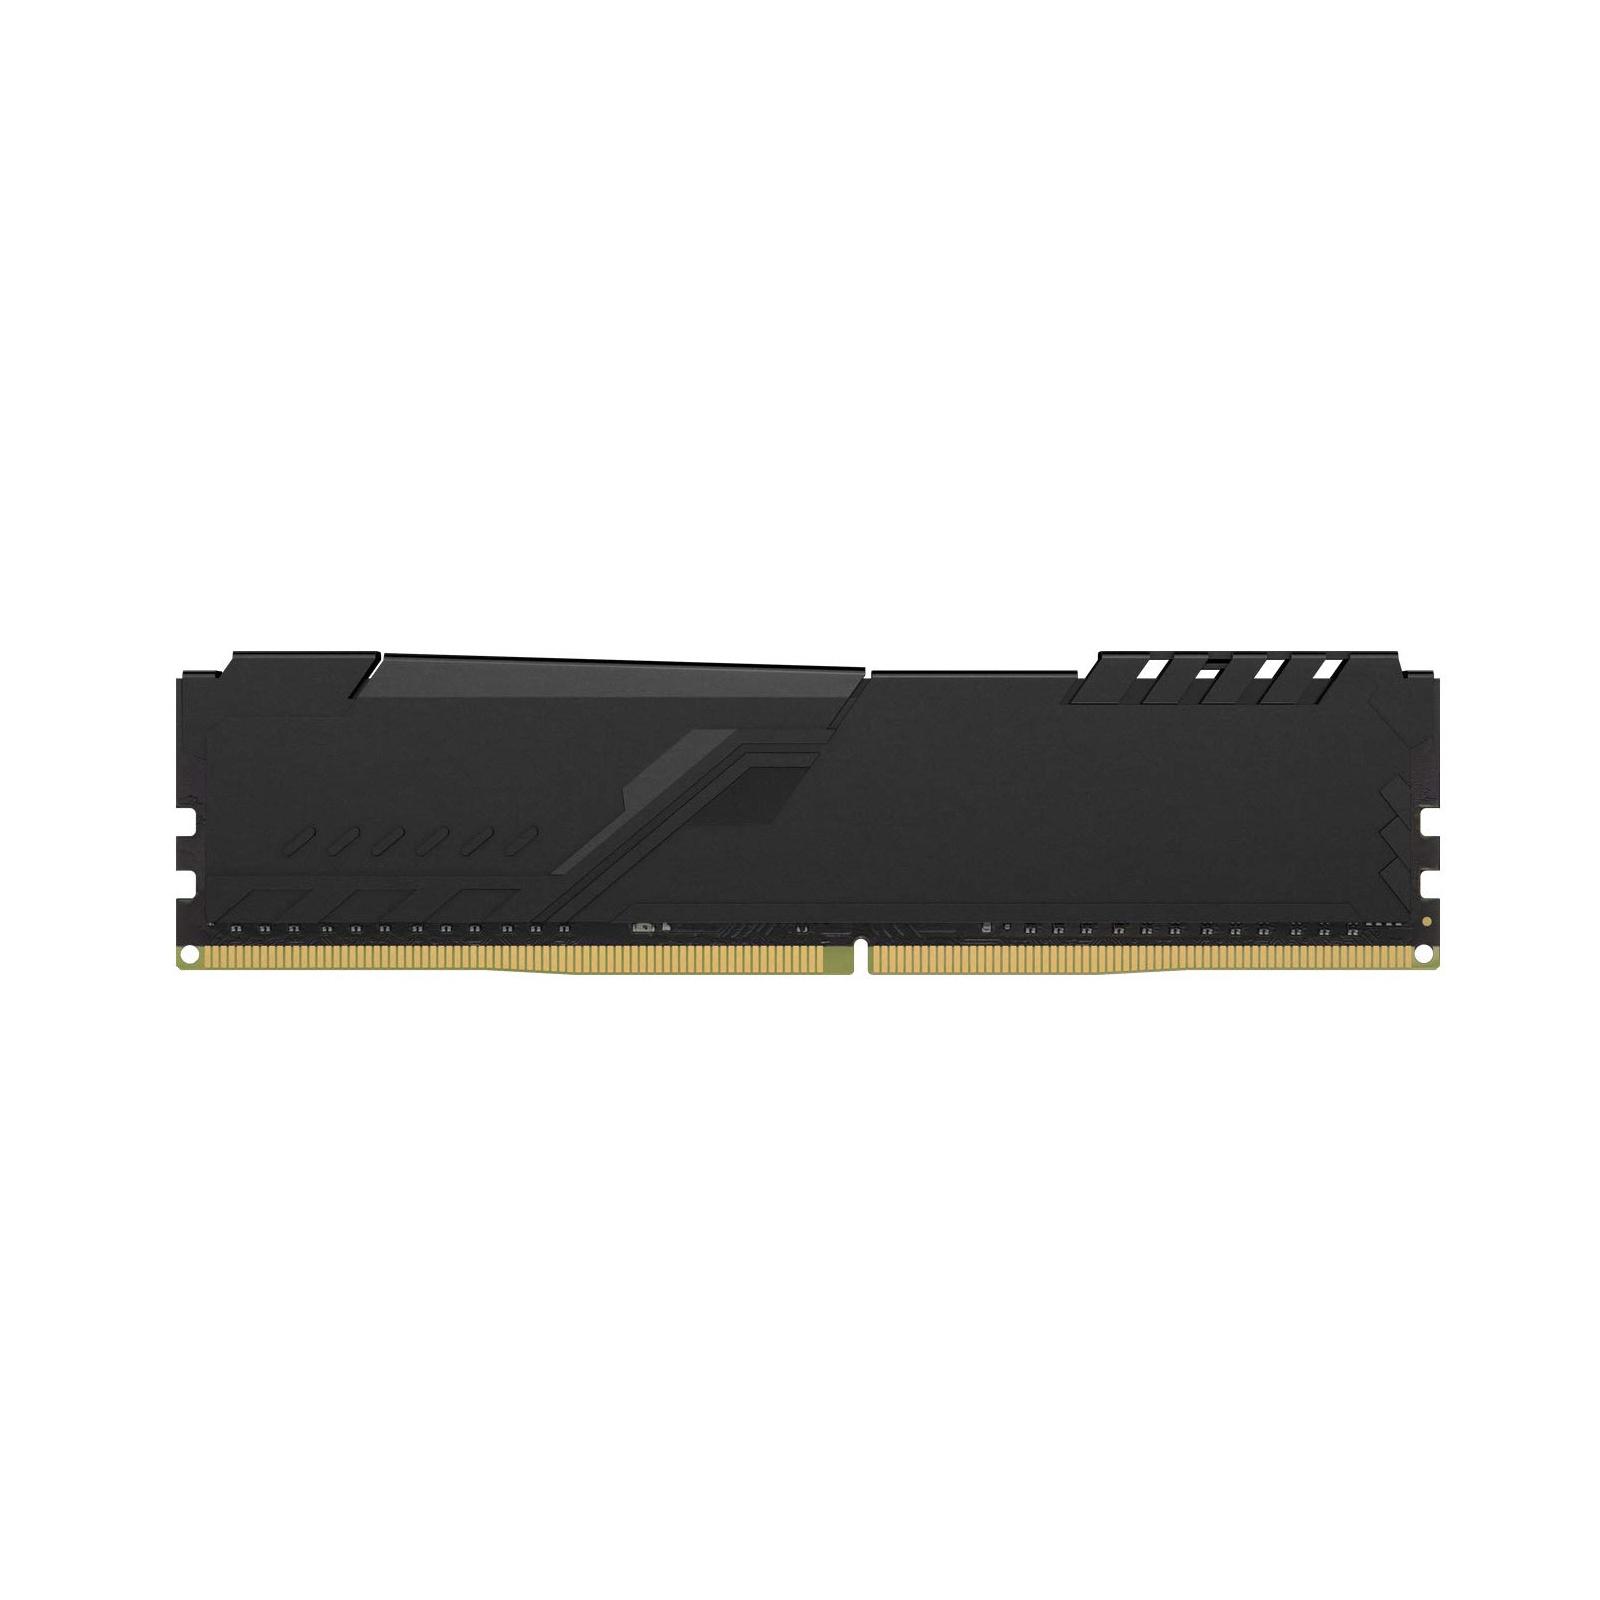 Модуль пам'яті для комп'ютера DDR4 8GB 3733 MHz HyperX Fury Black Kingston (HX437C19FB3/8) зображення 4